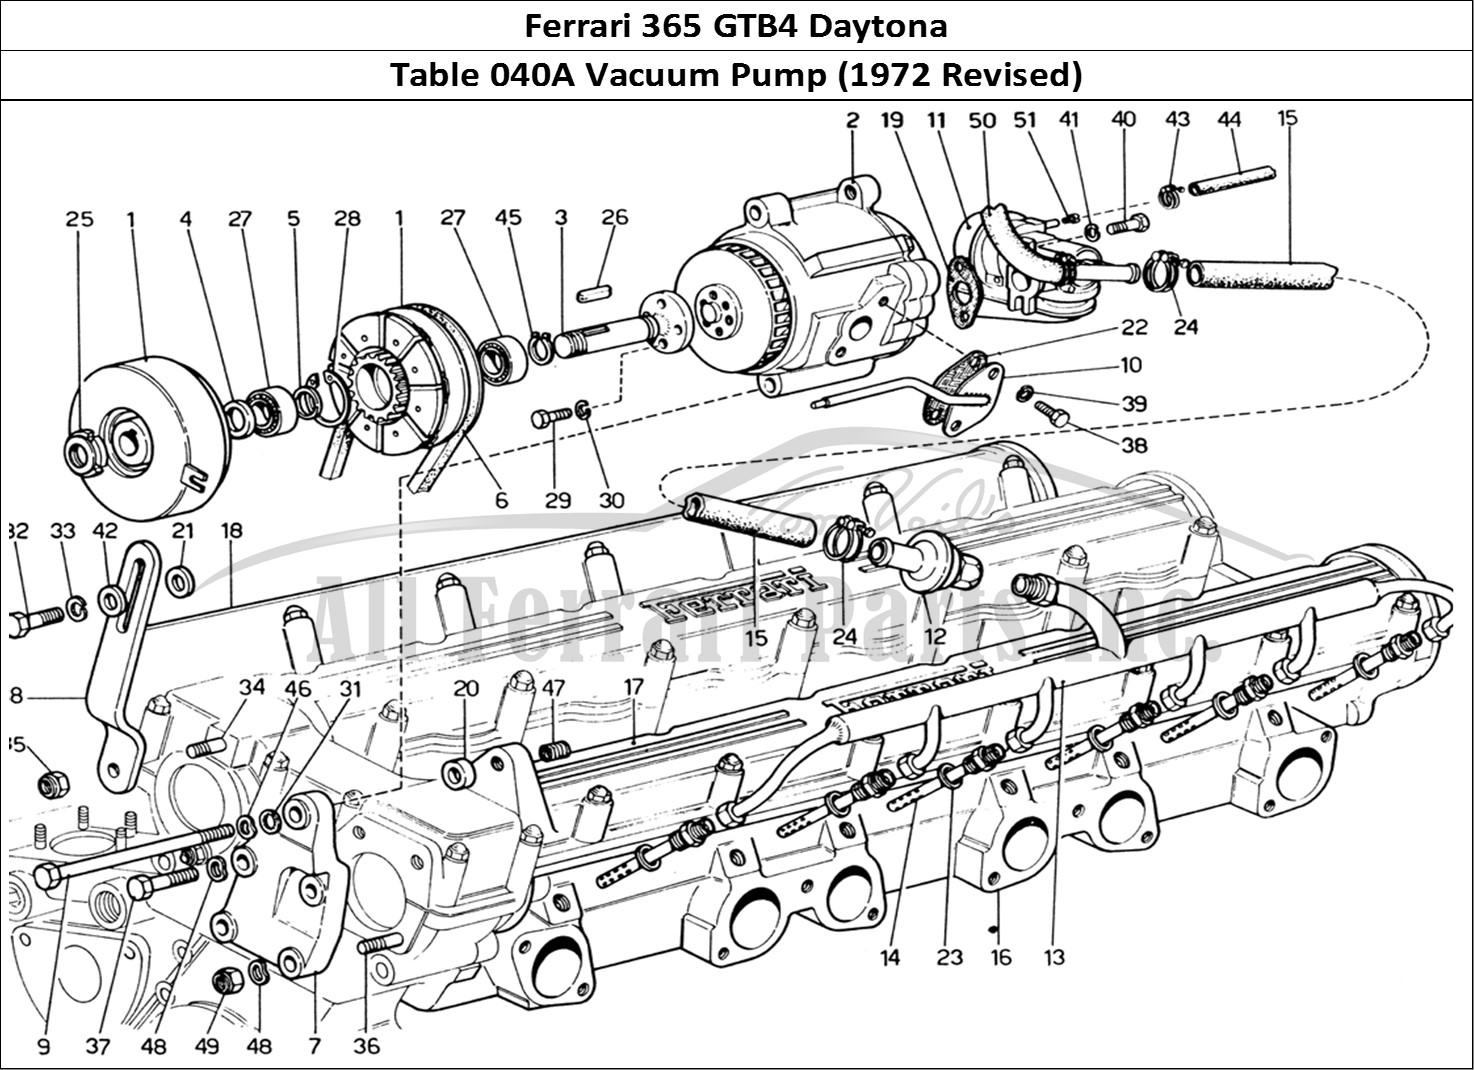 Buy original Ferrari 365 GTB4 Daytona 040A Vacuum Pump